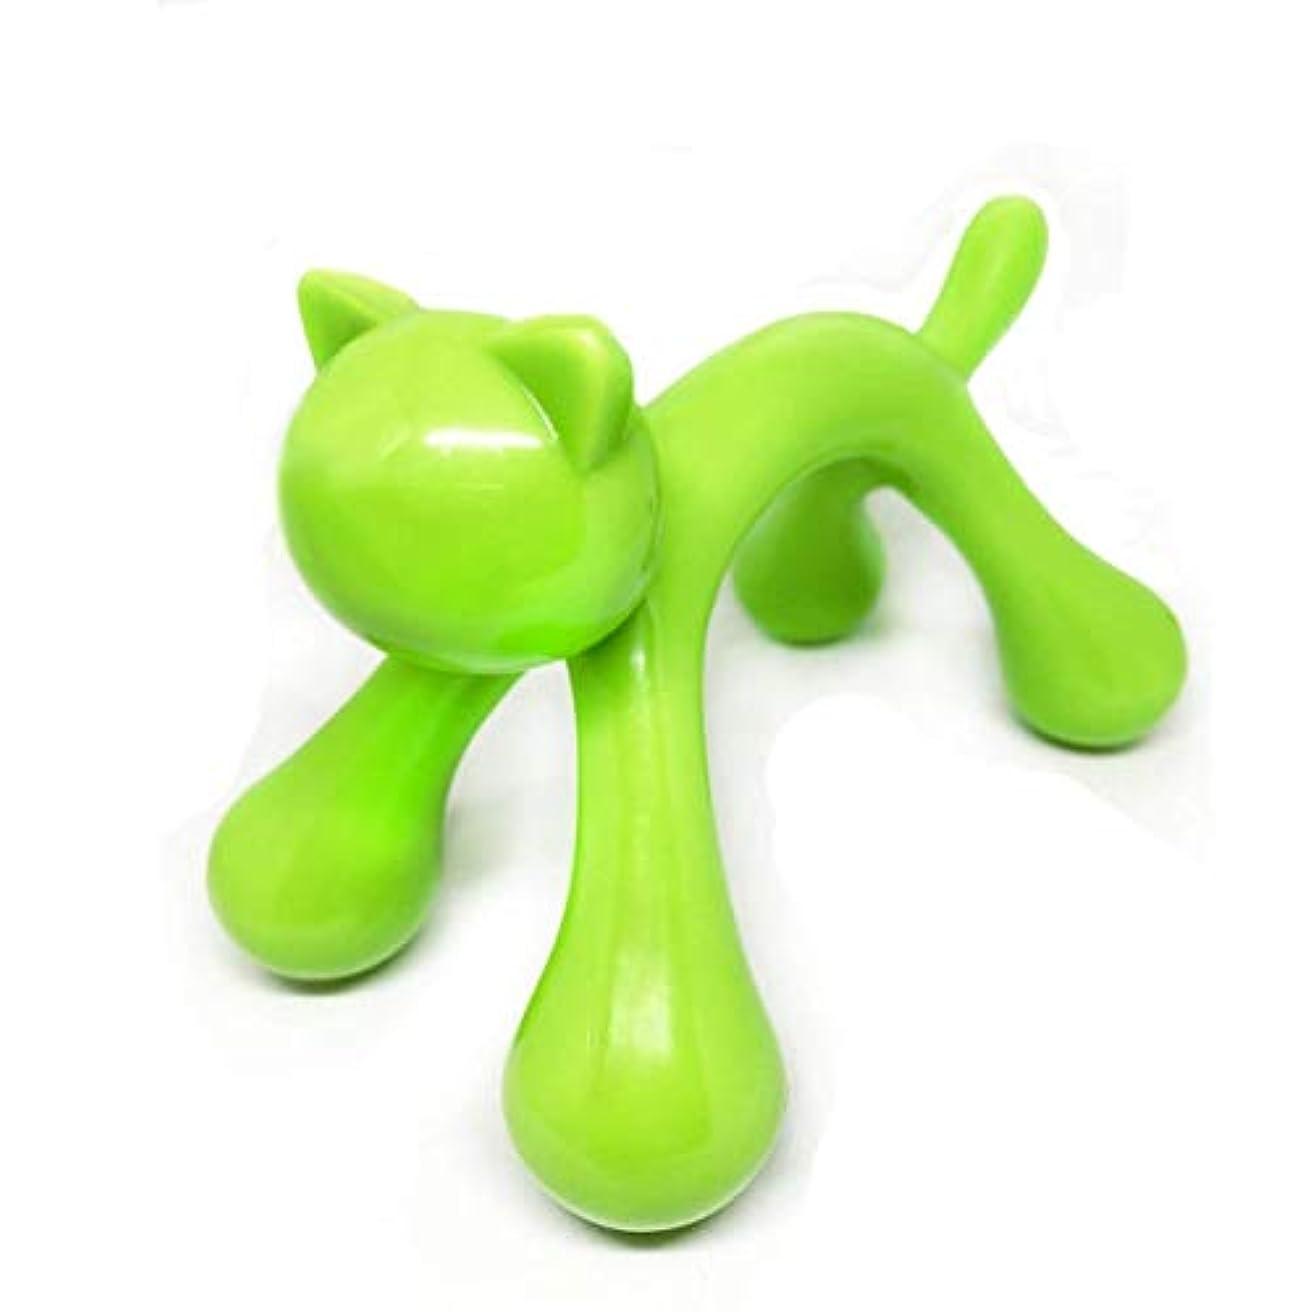 熟す章始めるFlymylion マッサージ棒 ツボ押しマッサージ台 握りタイプ 背中 ウッド 疲労回復 ハンド 背中 首 肩こり解消 可愛いネコ型 (グリーン)